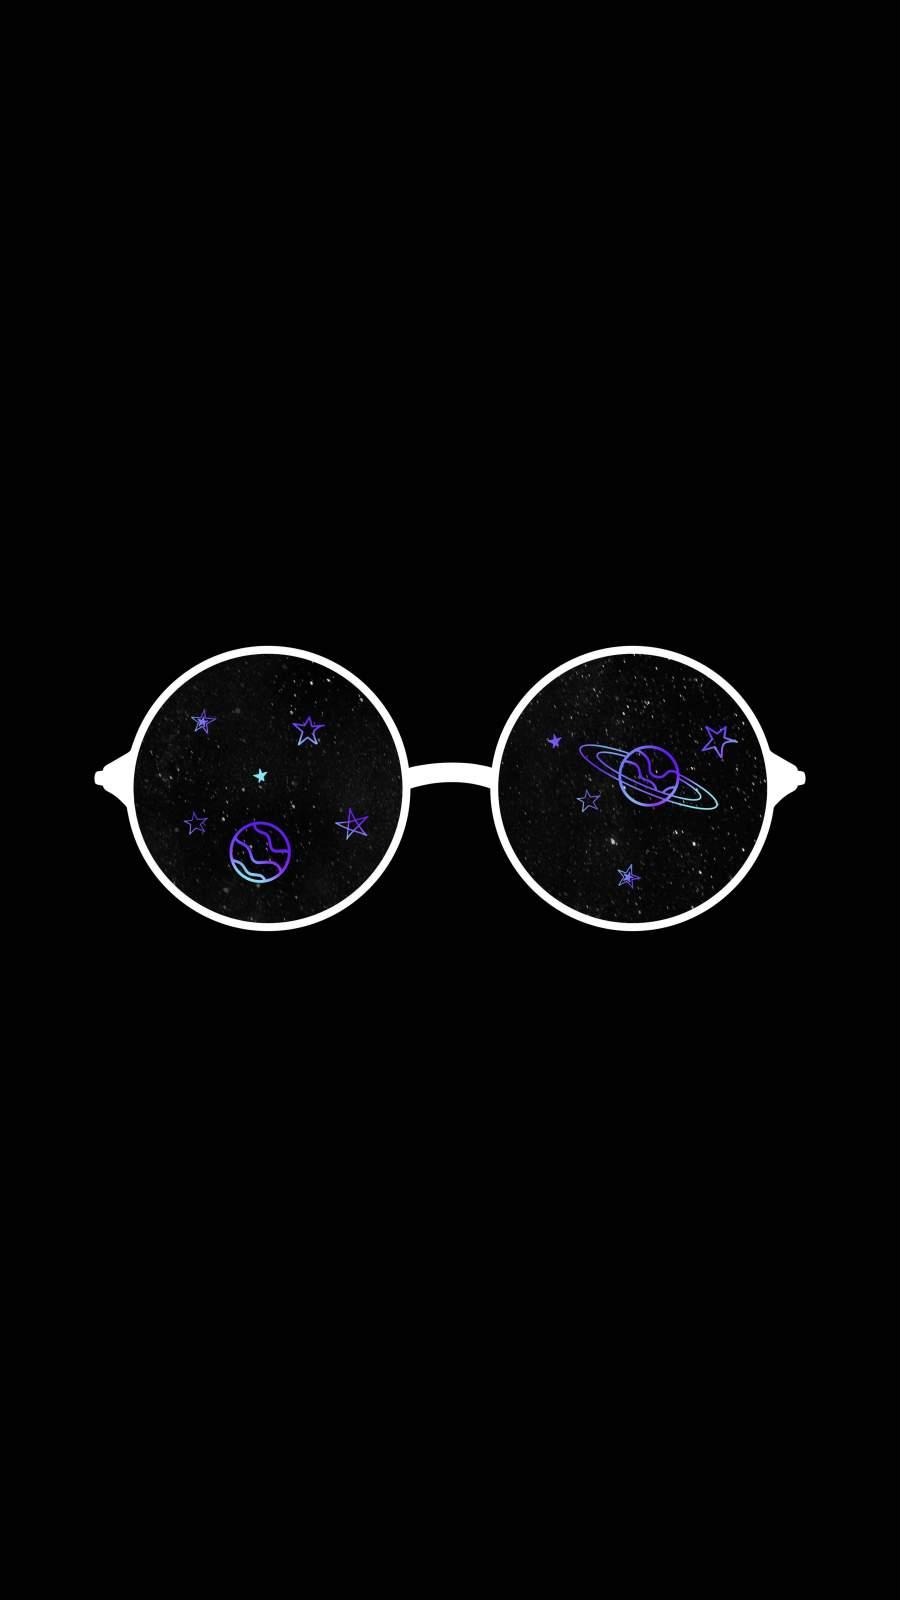 Minimal Glasses iPhone Wallpaper